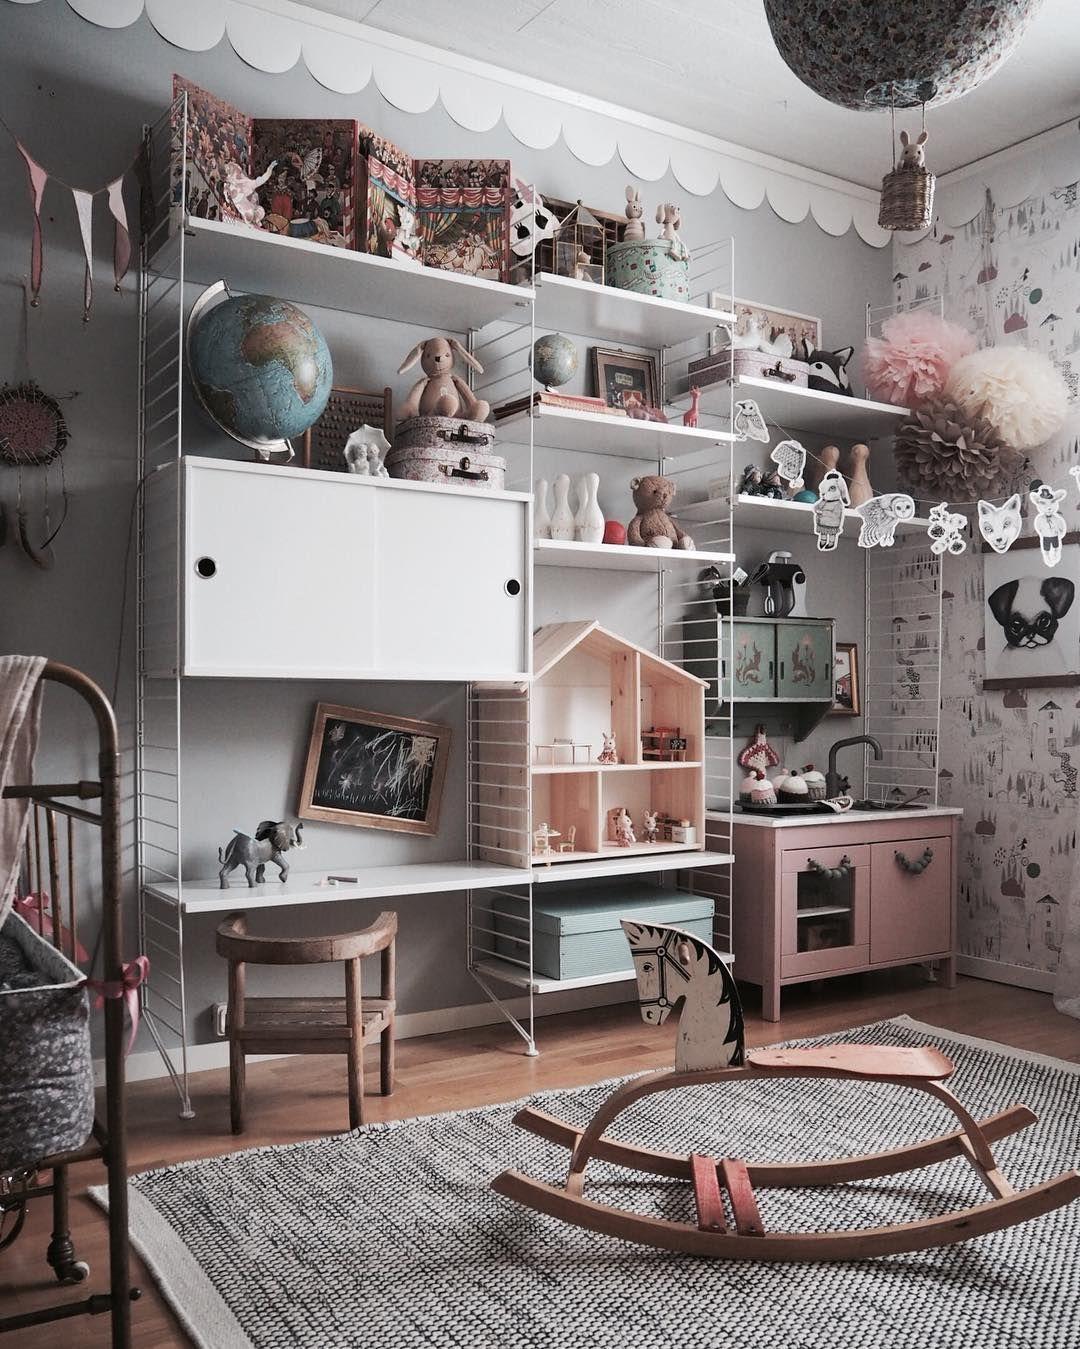 White String Wall Shelves In Kids Room